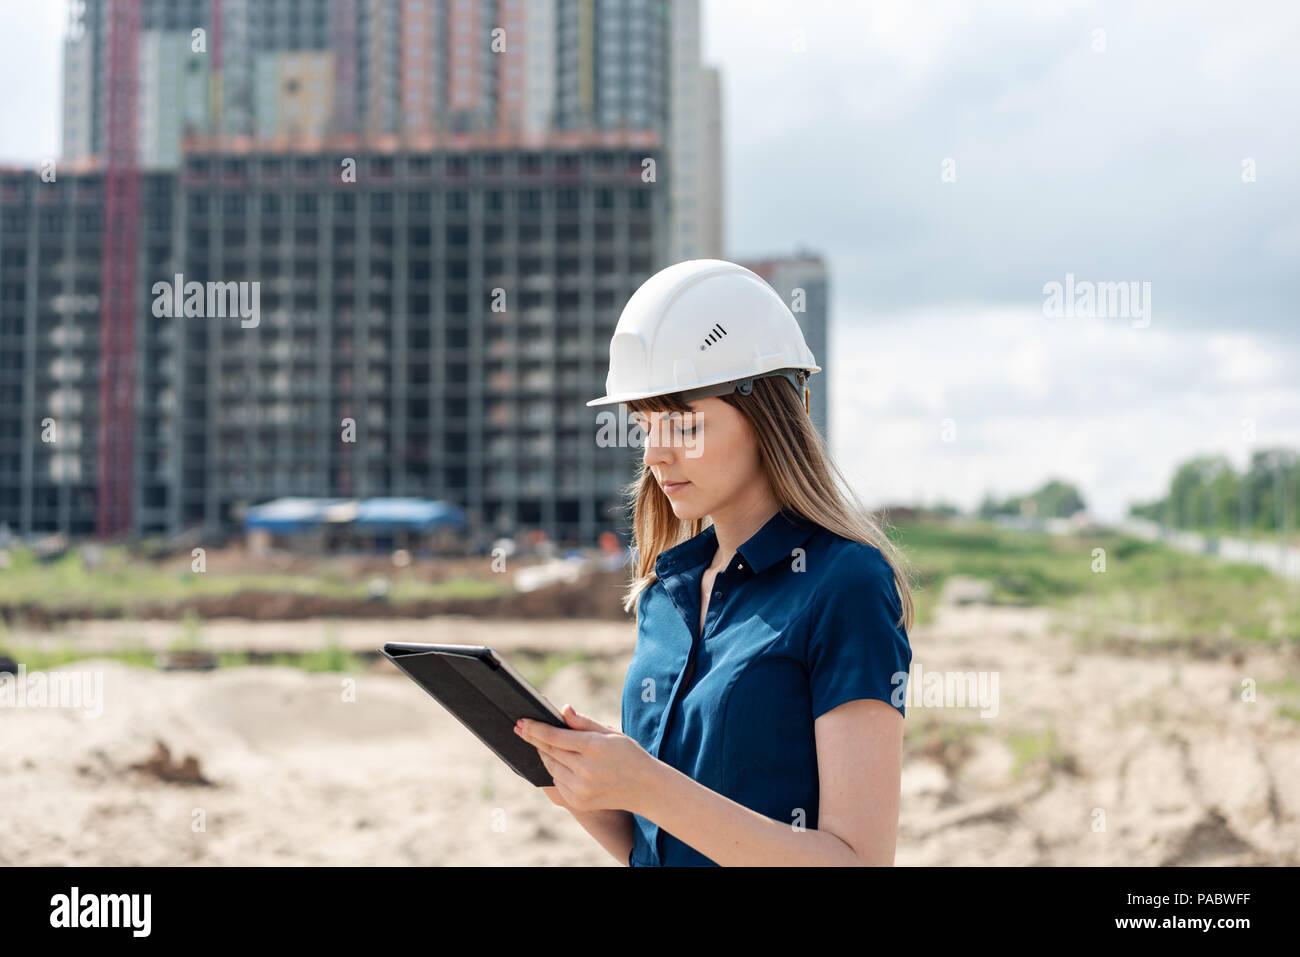 Ingeniero de la construcción femenina. Arquitecto con un equipo tablet PC en un sitio de construcción. Mujer joven busca, sitio de construcción lugar en segundo plano. Concepto de construcción Imagen De Stock